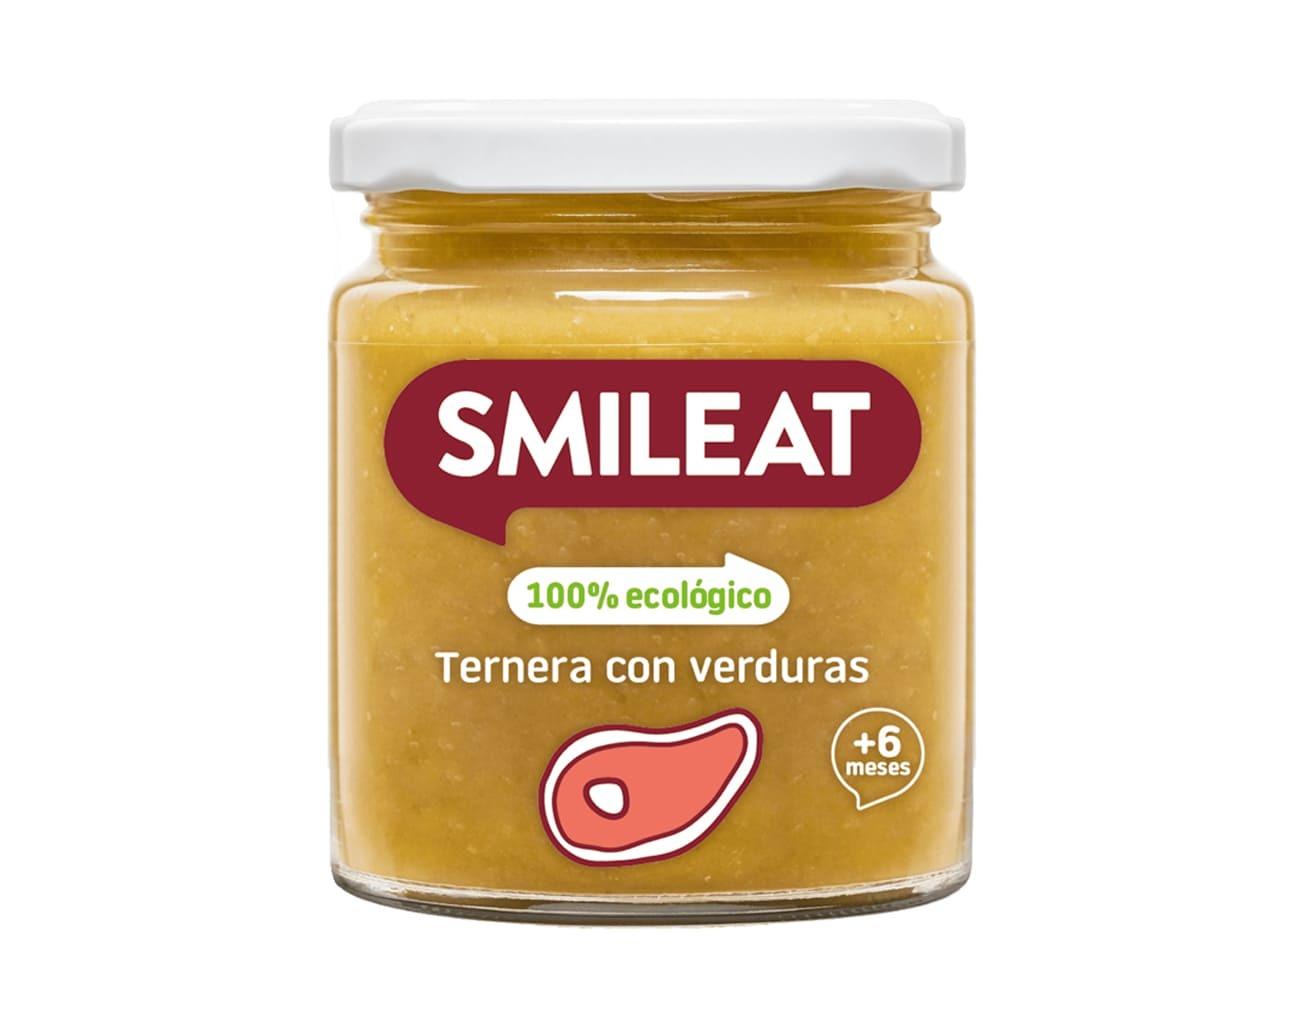 POTITO BIO TERNERA CON VERDURAS 230 G ( y 6MESES) SMILEAT en Biovegalia